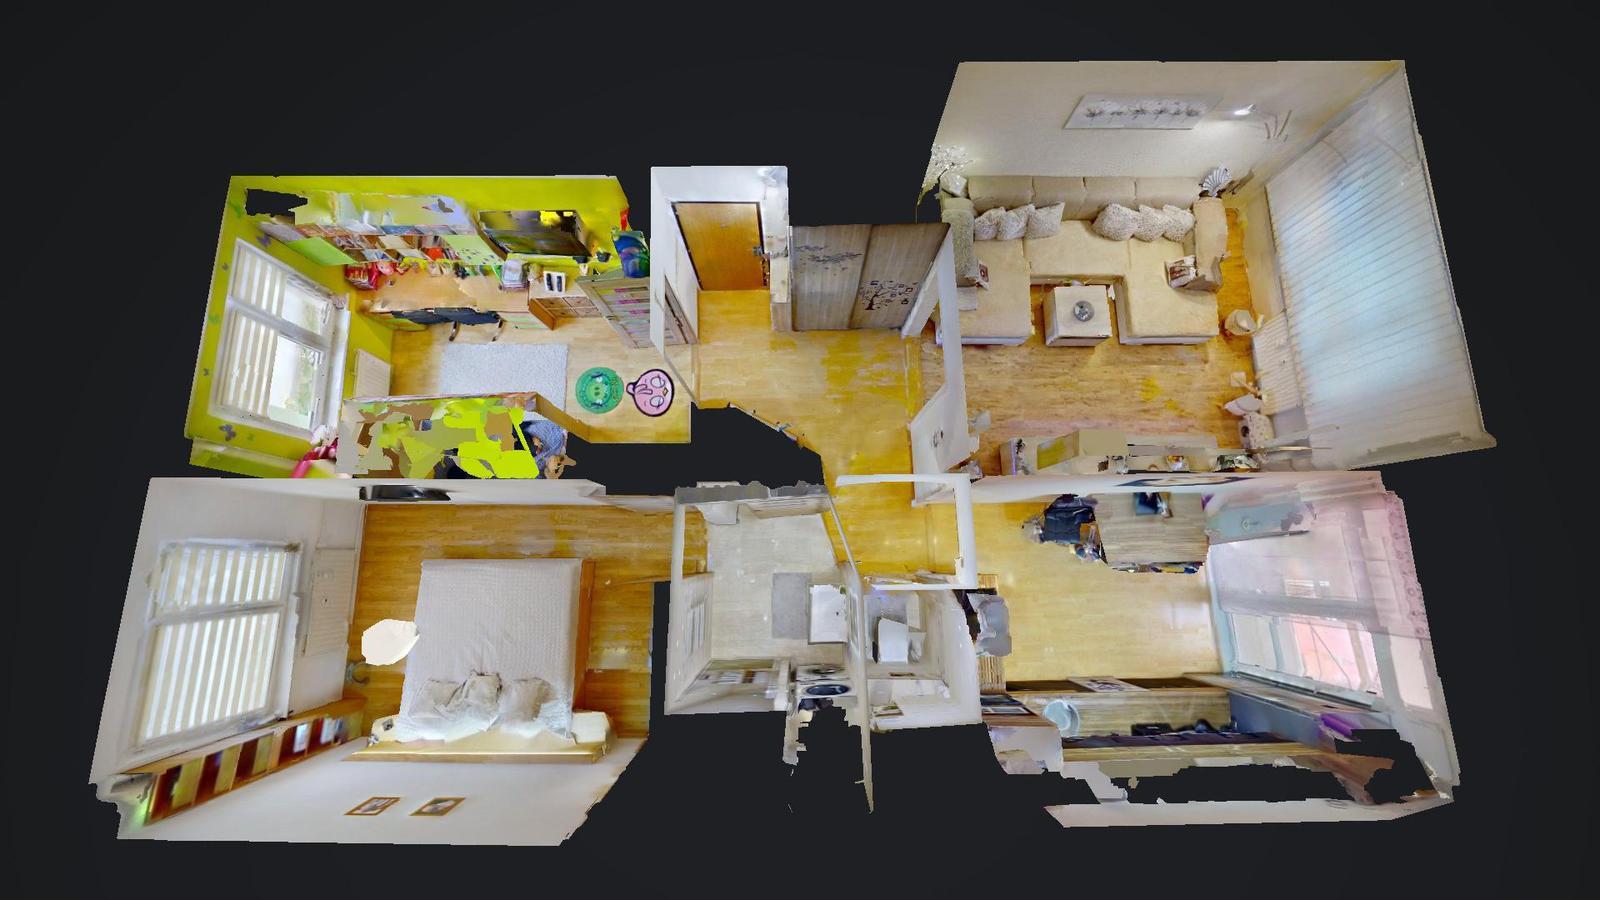 Zmodernizovaný 3-izbový byt v Čadci +421 918 127 259 - Obrázok č. 2